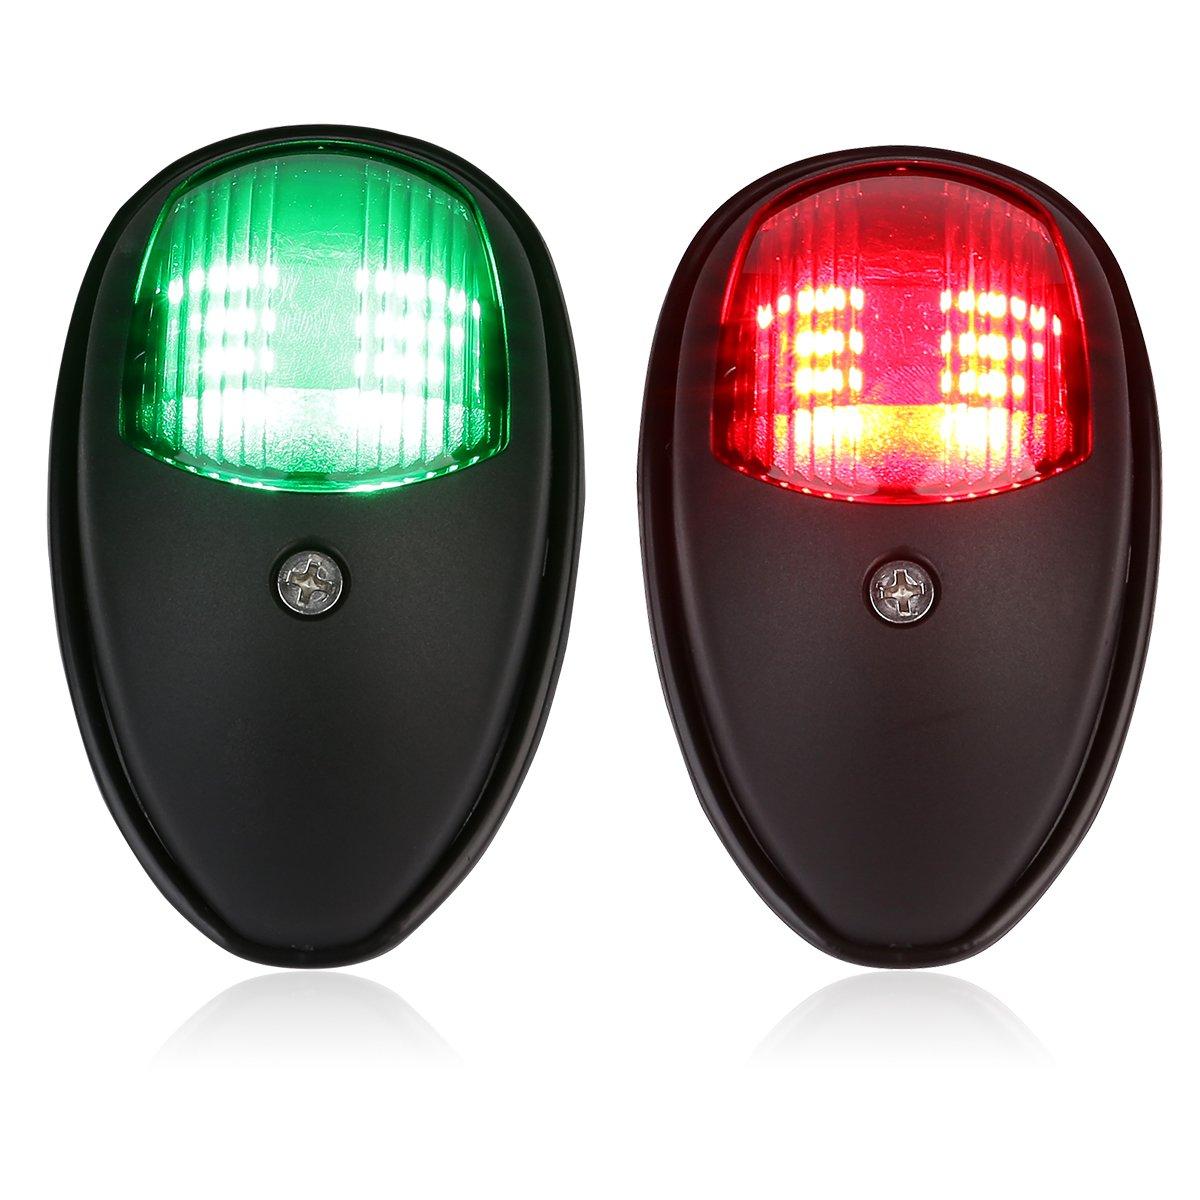 Boat Navigation Lights, LEANINGTECH One Pair Marine LED Navigation Lamp Red & Green LED for Chandlery Boat Yacht Pontoon Skeeter Touring Car Safety Lights Deck Mount DC 12V-24V (Black)